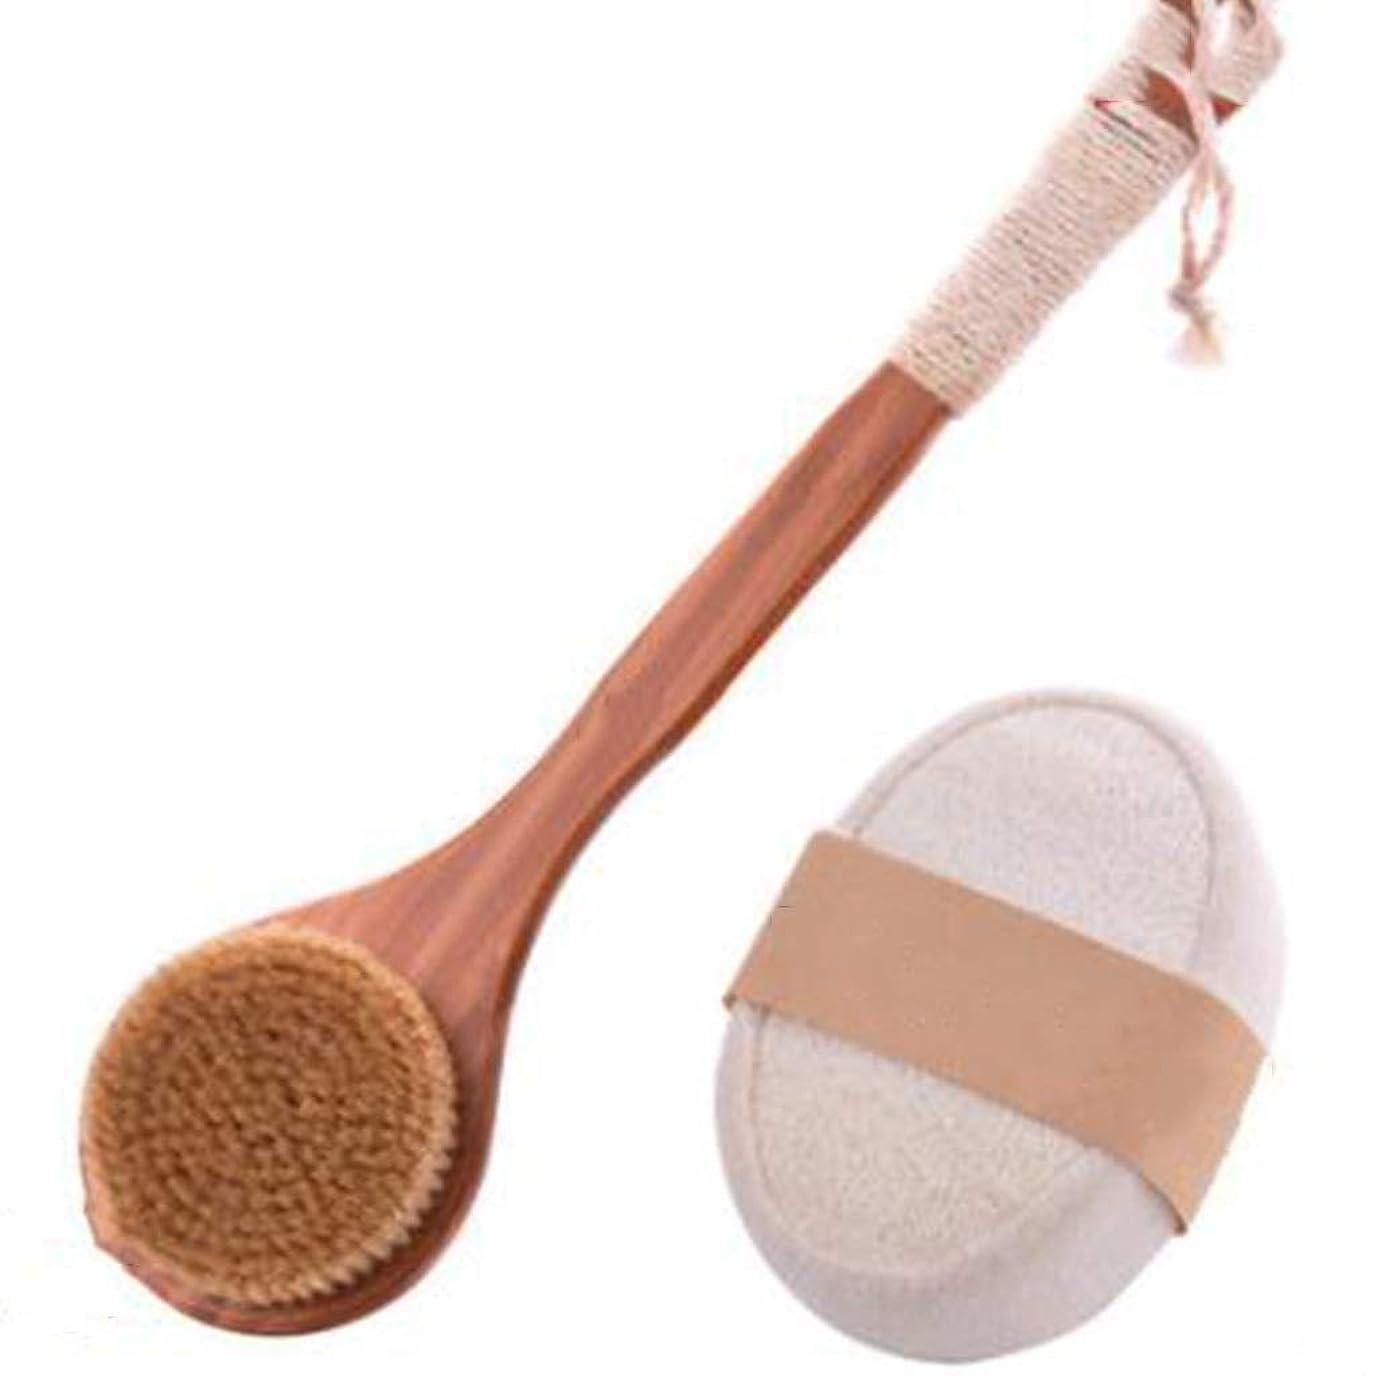 測定可能操る反毒滑り止めロング木製ハンドル+タオルひょうたんスポンジバスブラシ付きドライバスボディブラシバックスクラバー